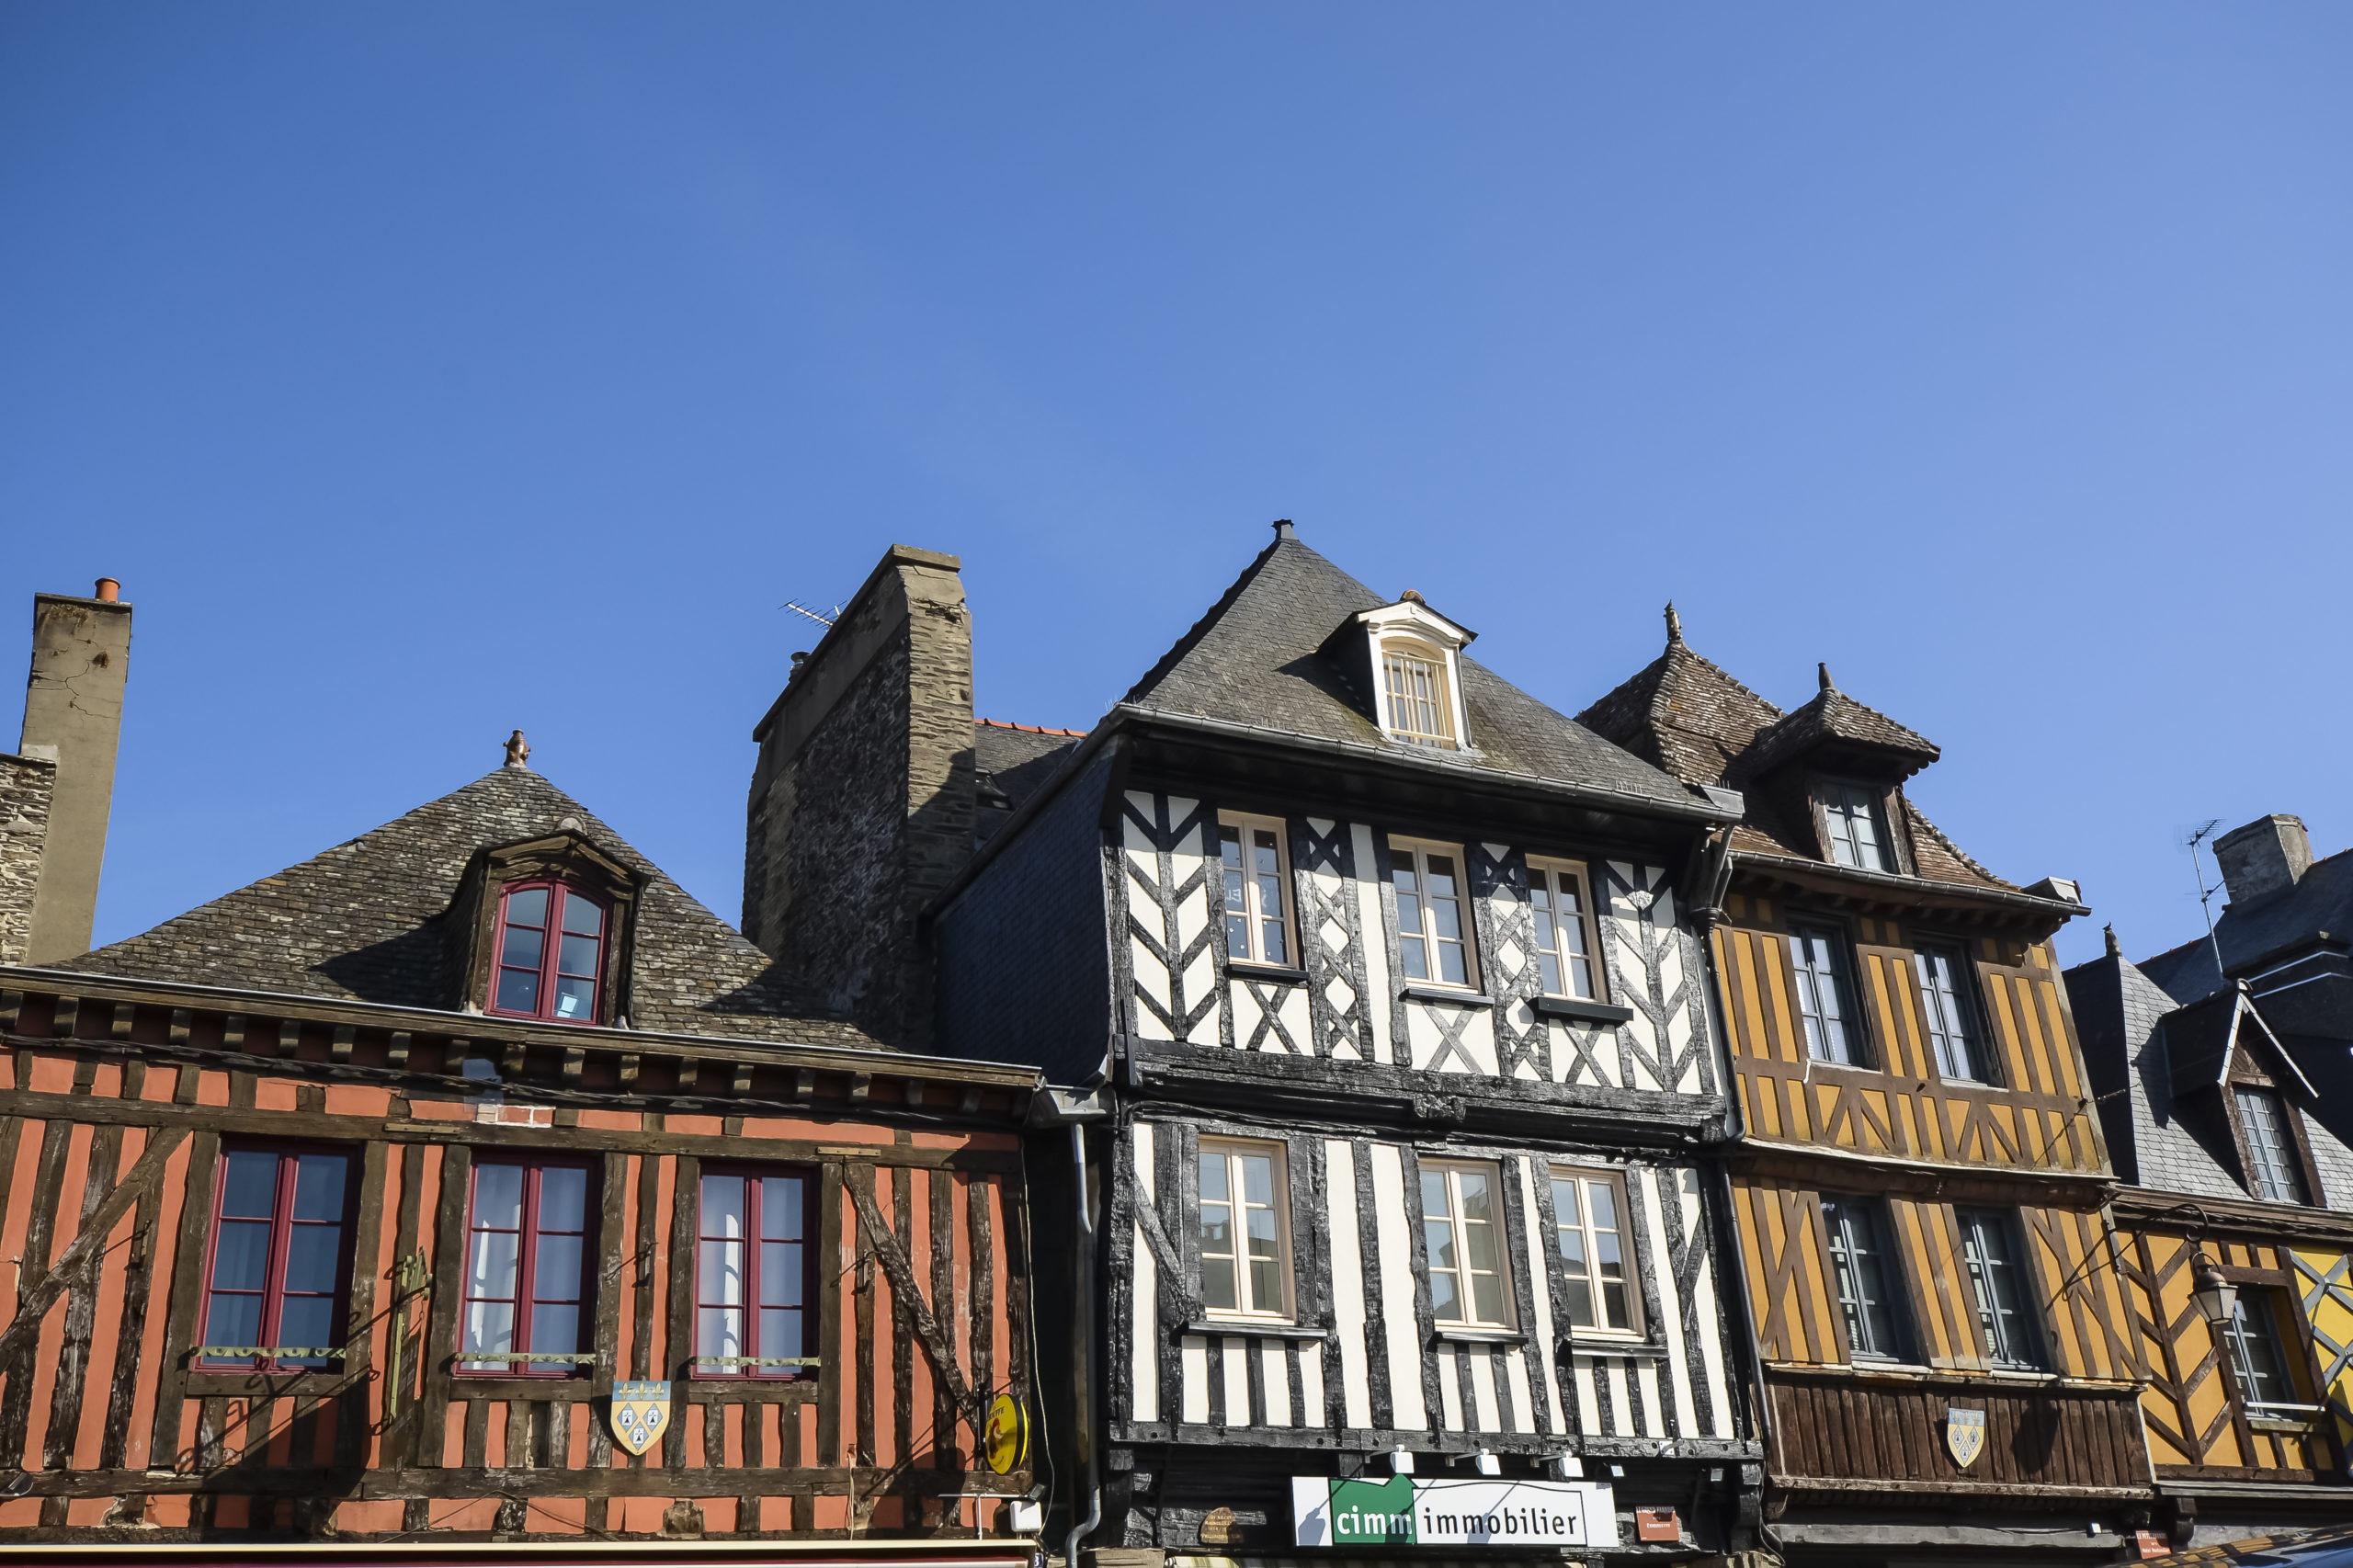 La ville de Dol de Bretagne Plus belles villes à visiter en Ille-et-Vilaine Bretagne.